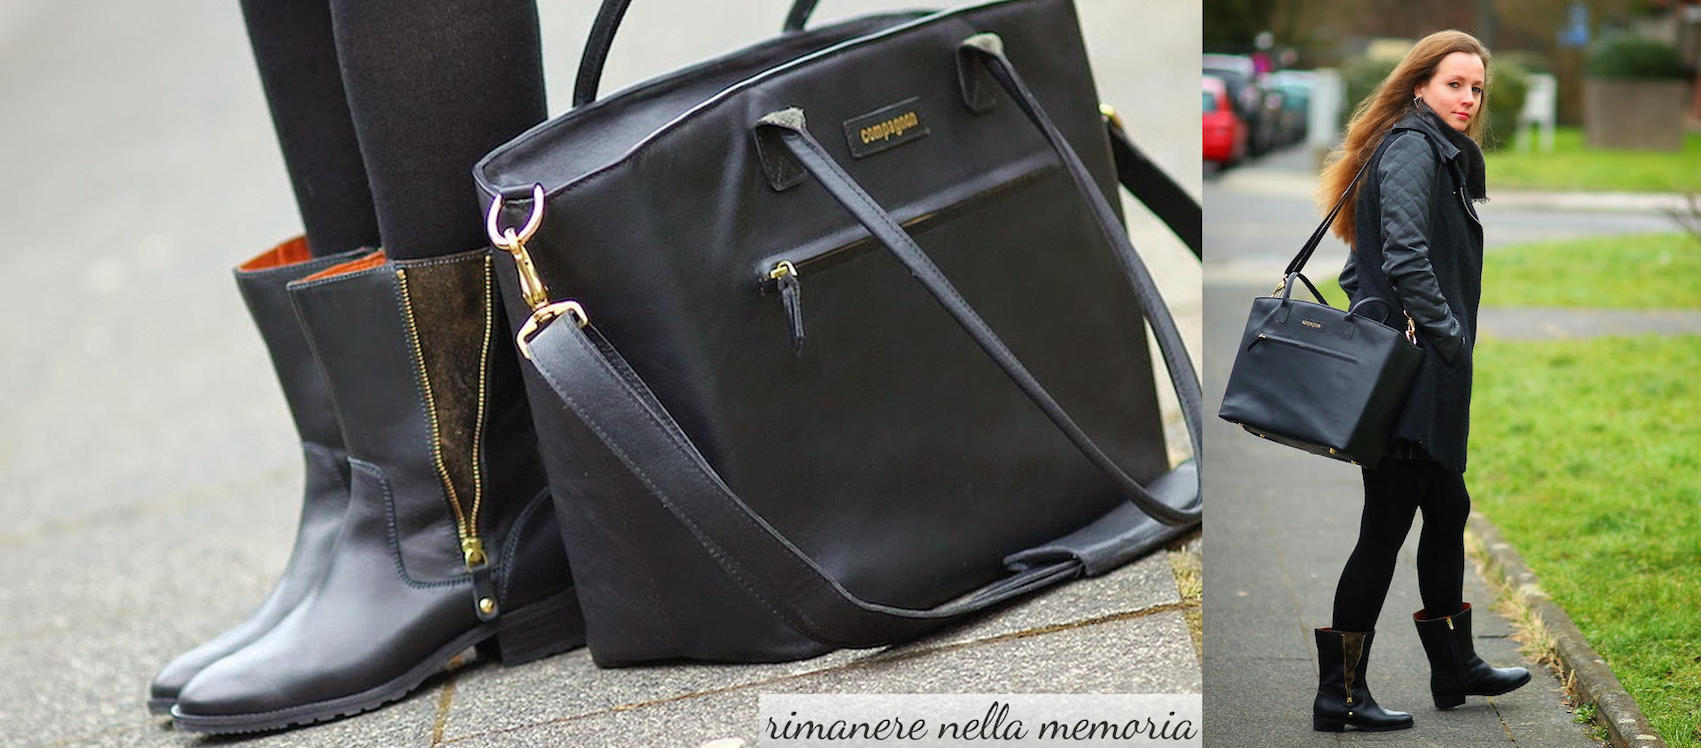 camerabag-women-leather-black